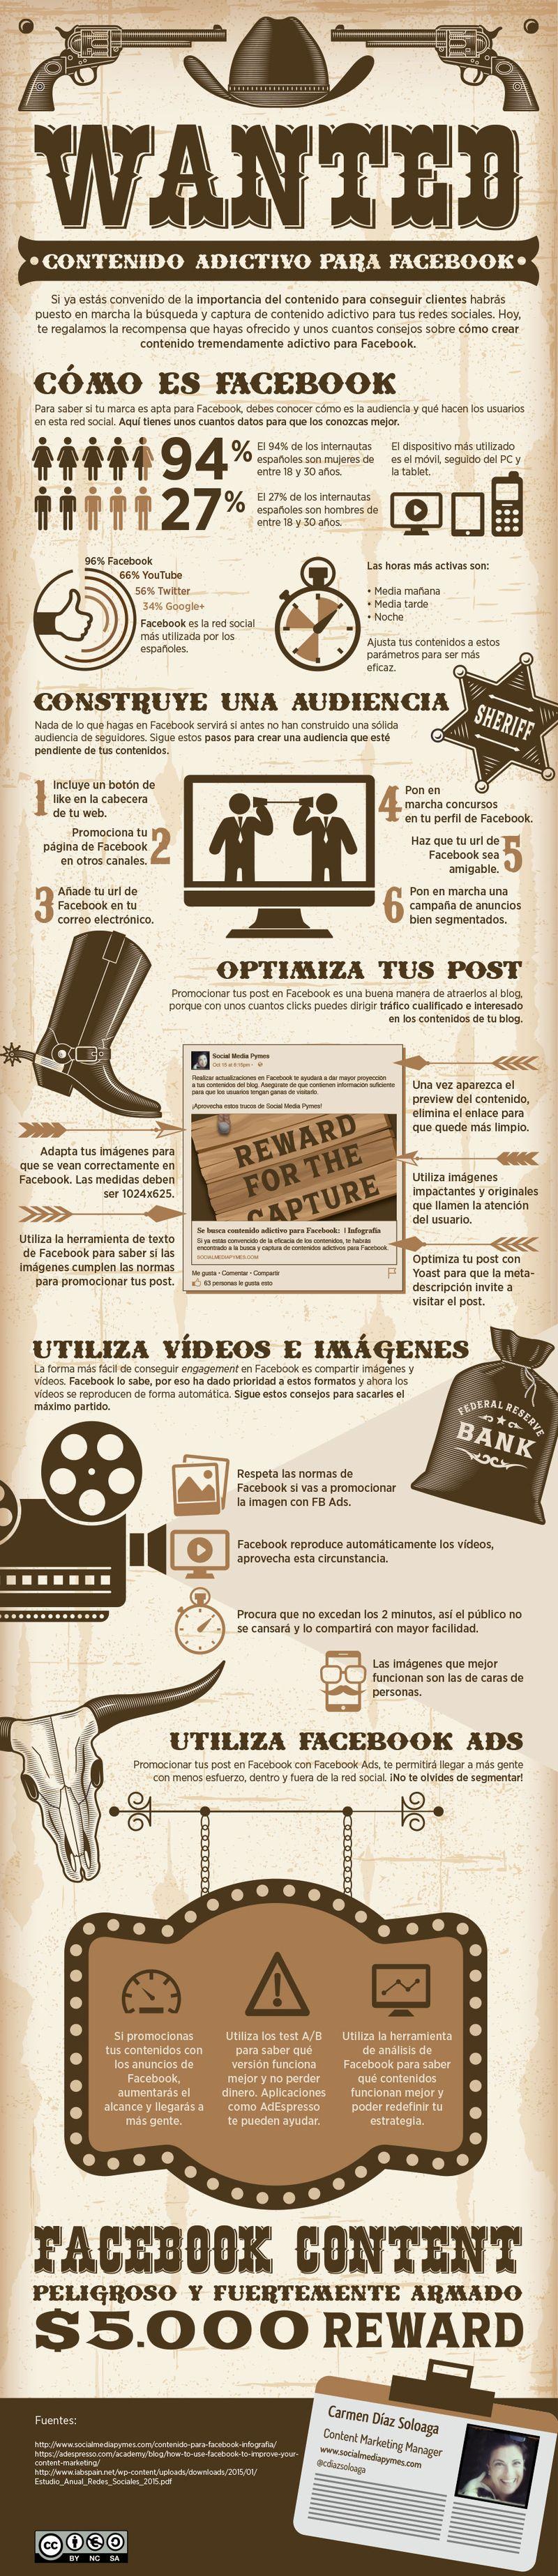 ¿Cómo crear contenido adictivo para Facebook? (infografía)